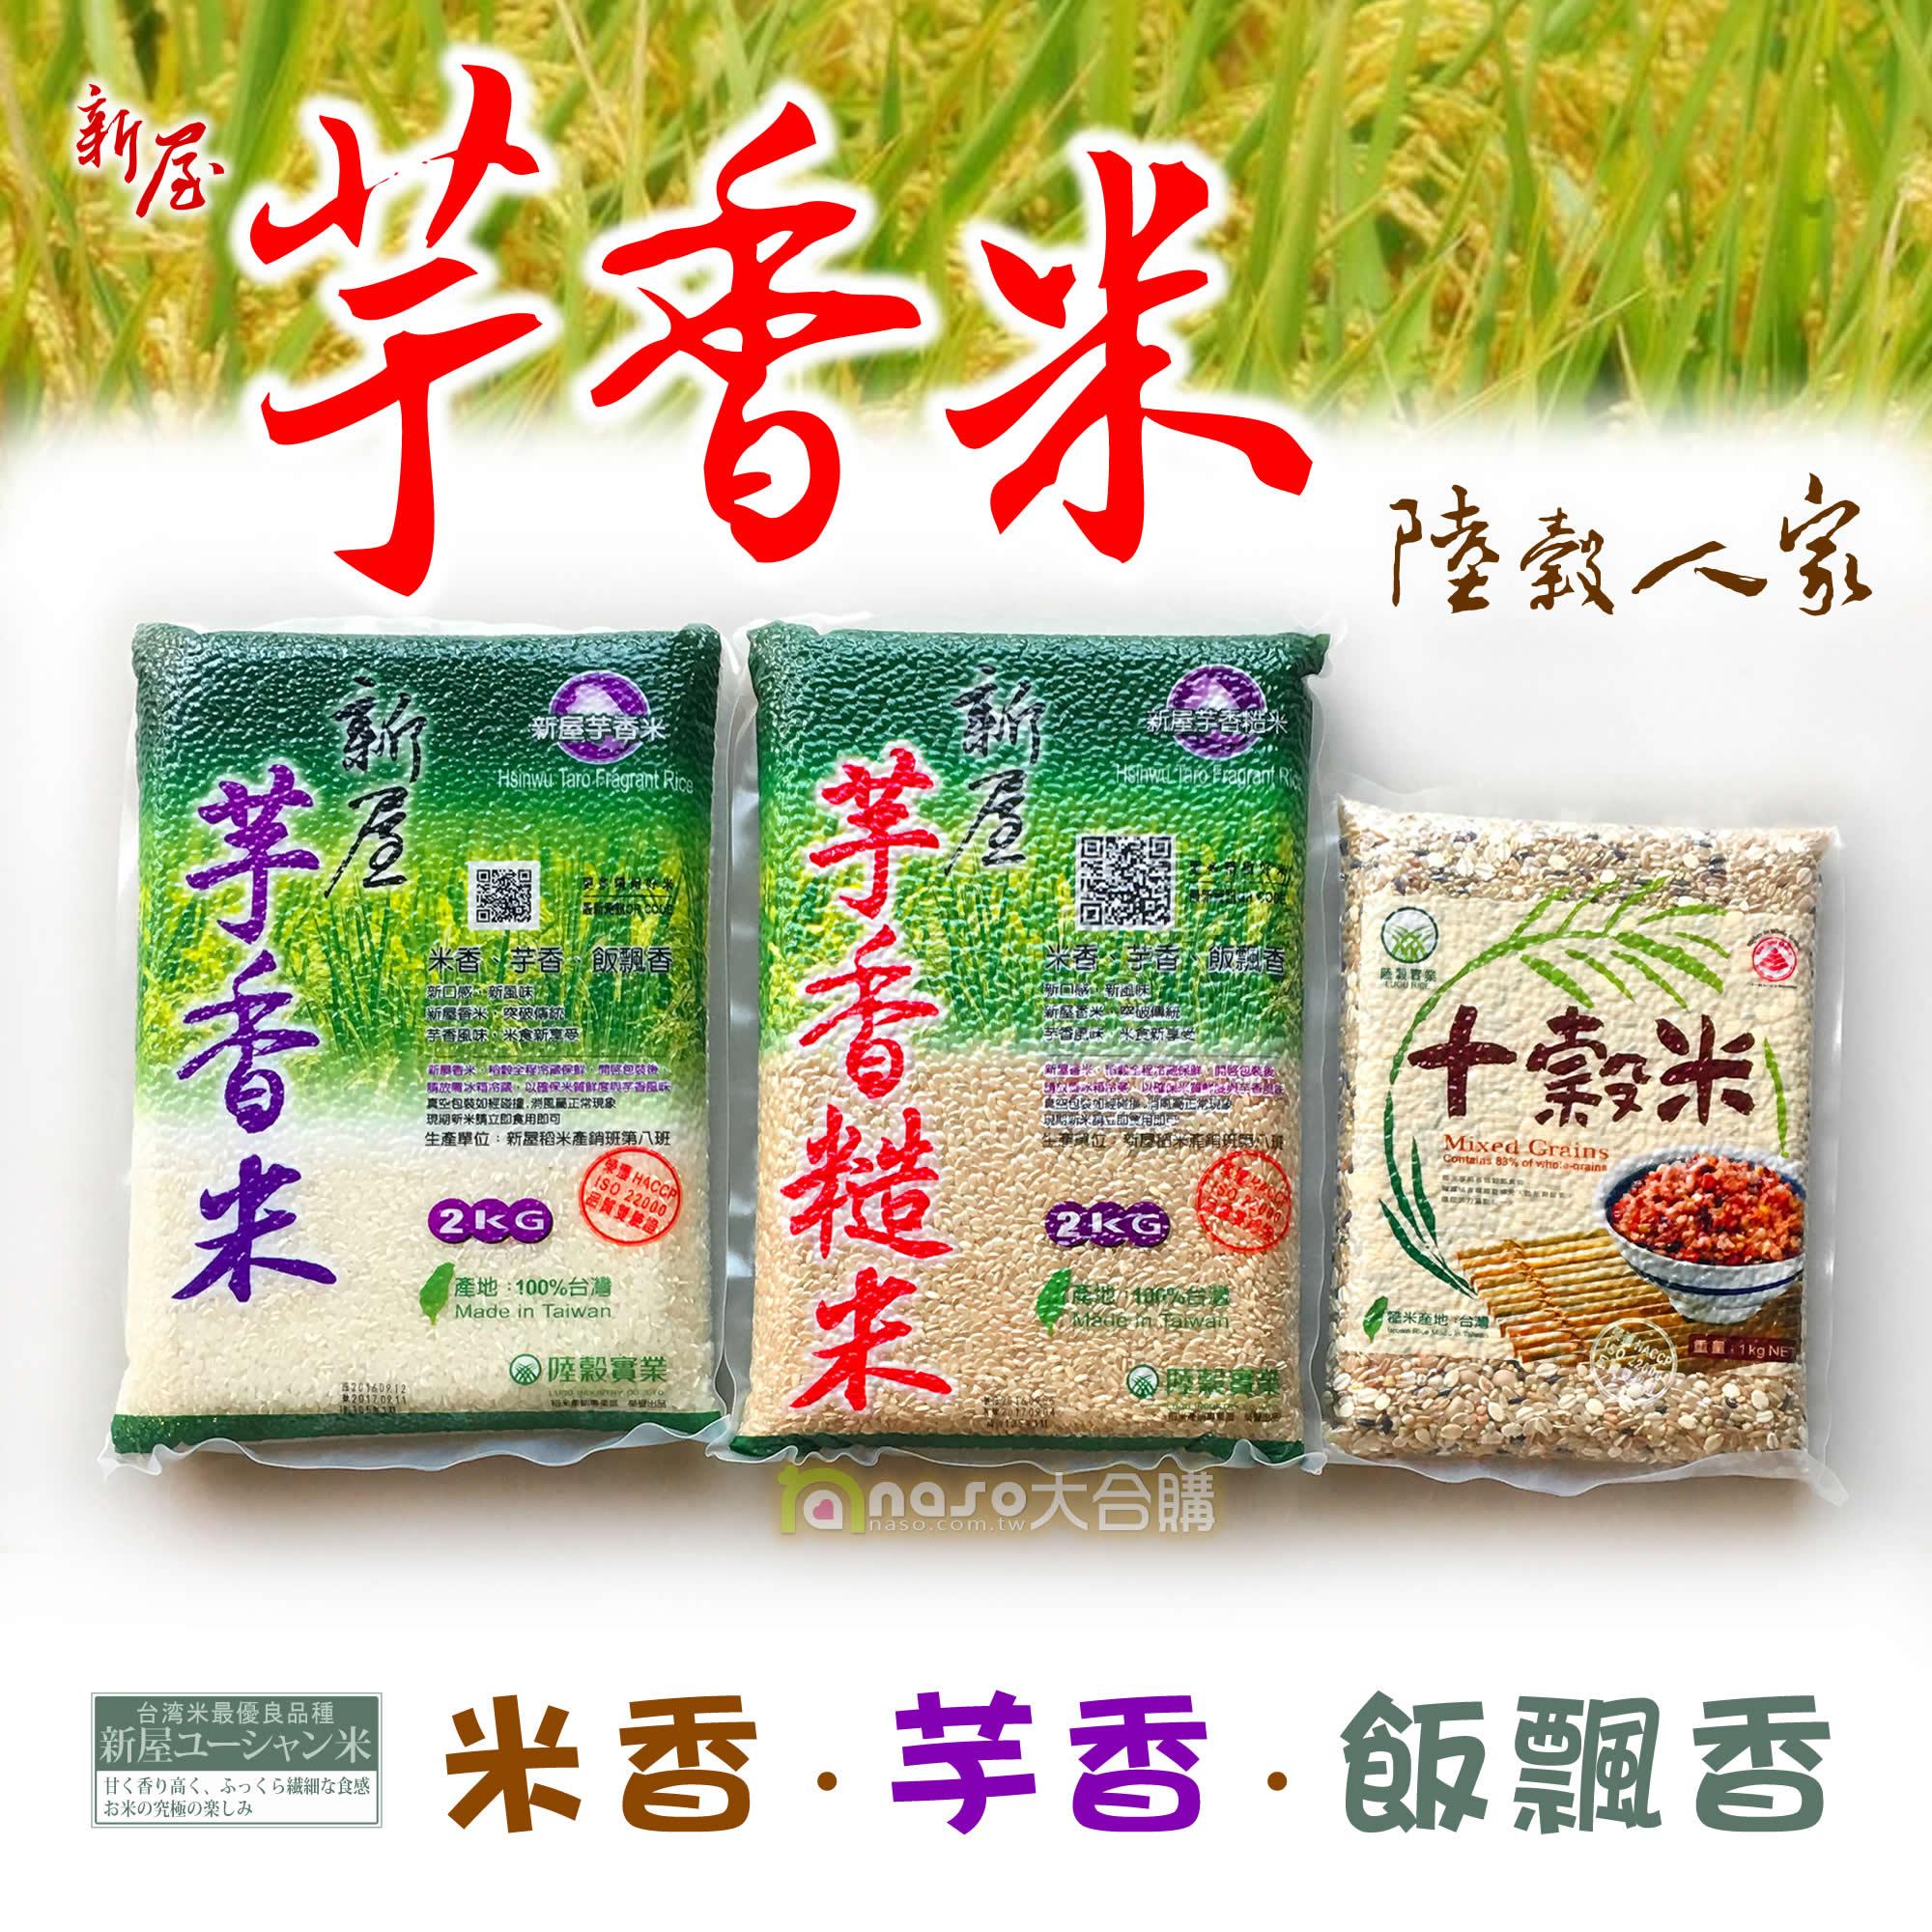 【陸穀人家】新屋芋香米/芋香糙米/十穀米 好評第10團